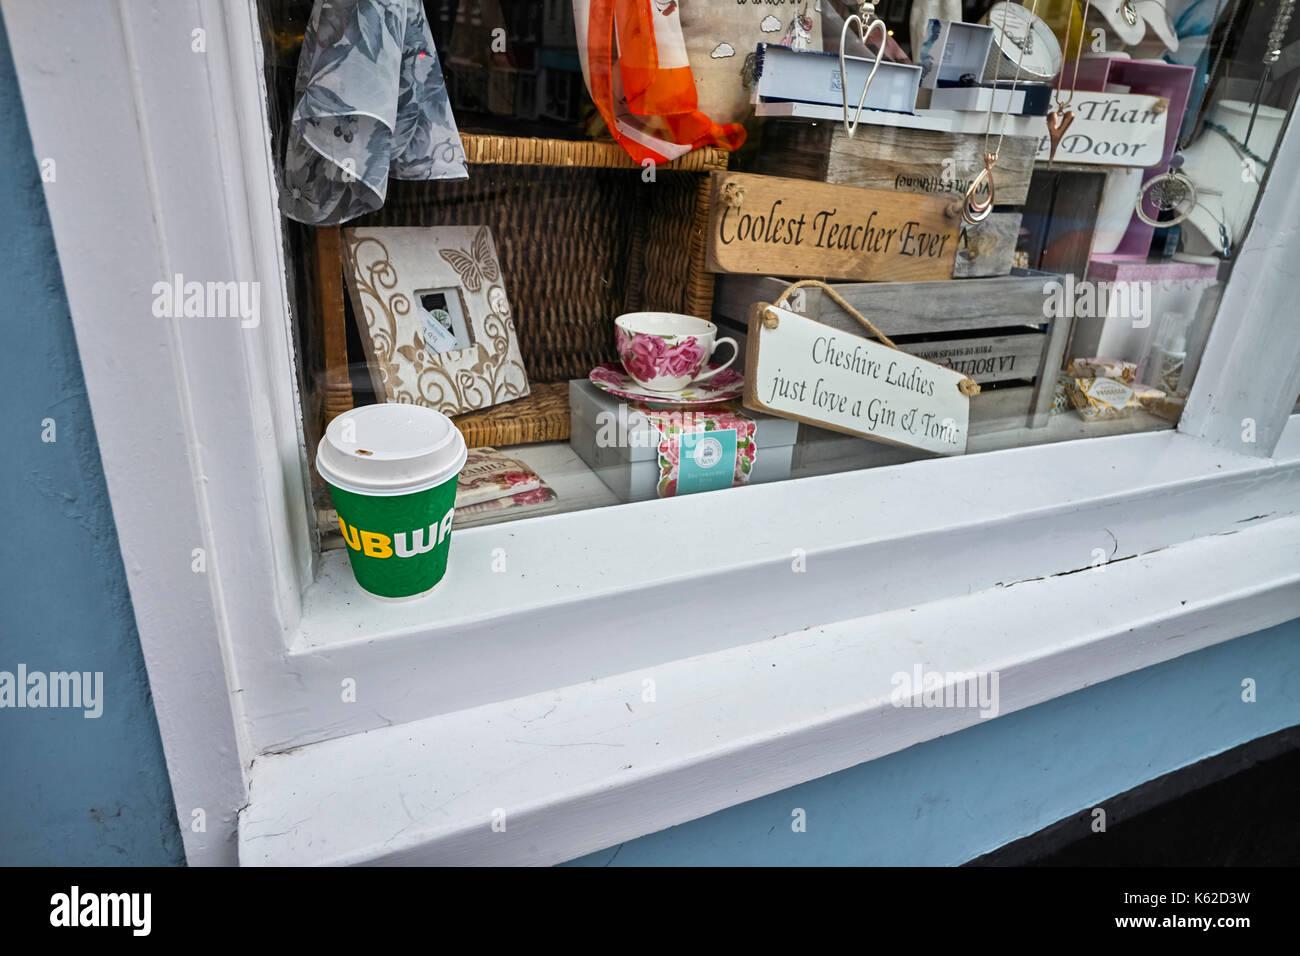 Cheshire cari solo amore un gin tonic accedi alla vetrina di un negozio con una metropolitana tazza di caffè al di fuori Immagini Stock